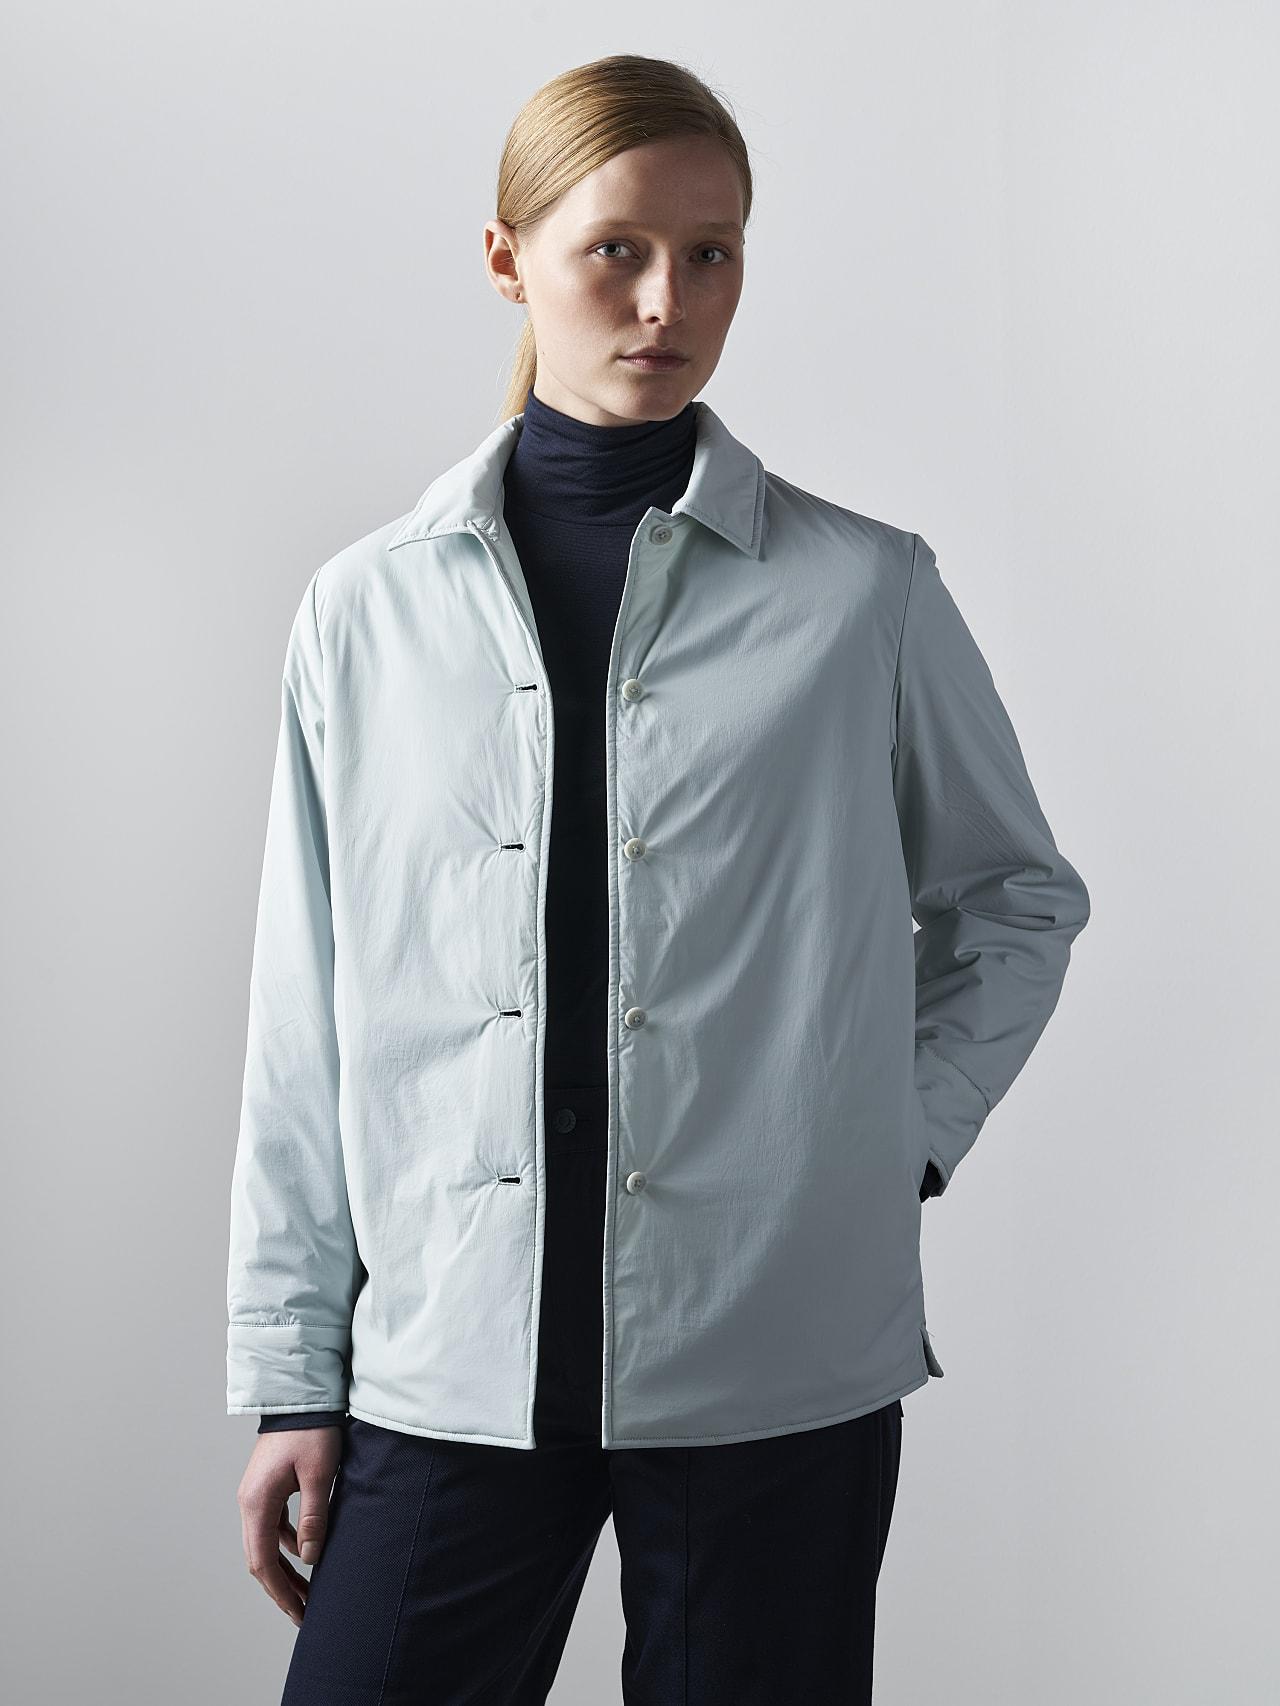 OSHEN V1.Y5.02 PrimaLoft® Overshirt Jacket Pale Blue  Model shot Alpha Tauri